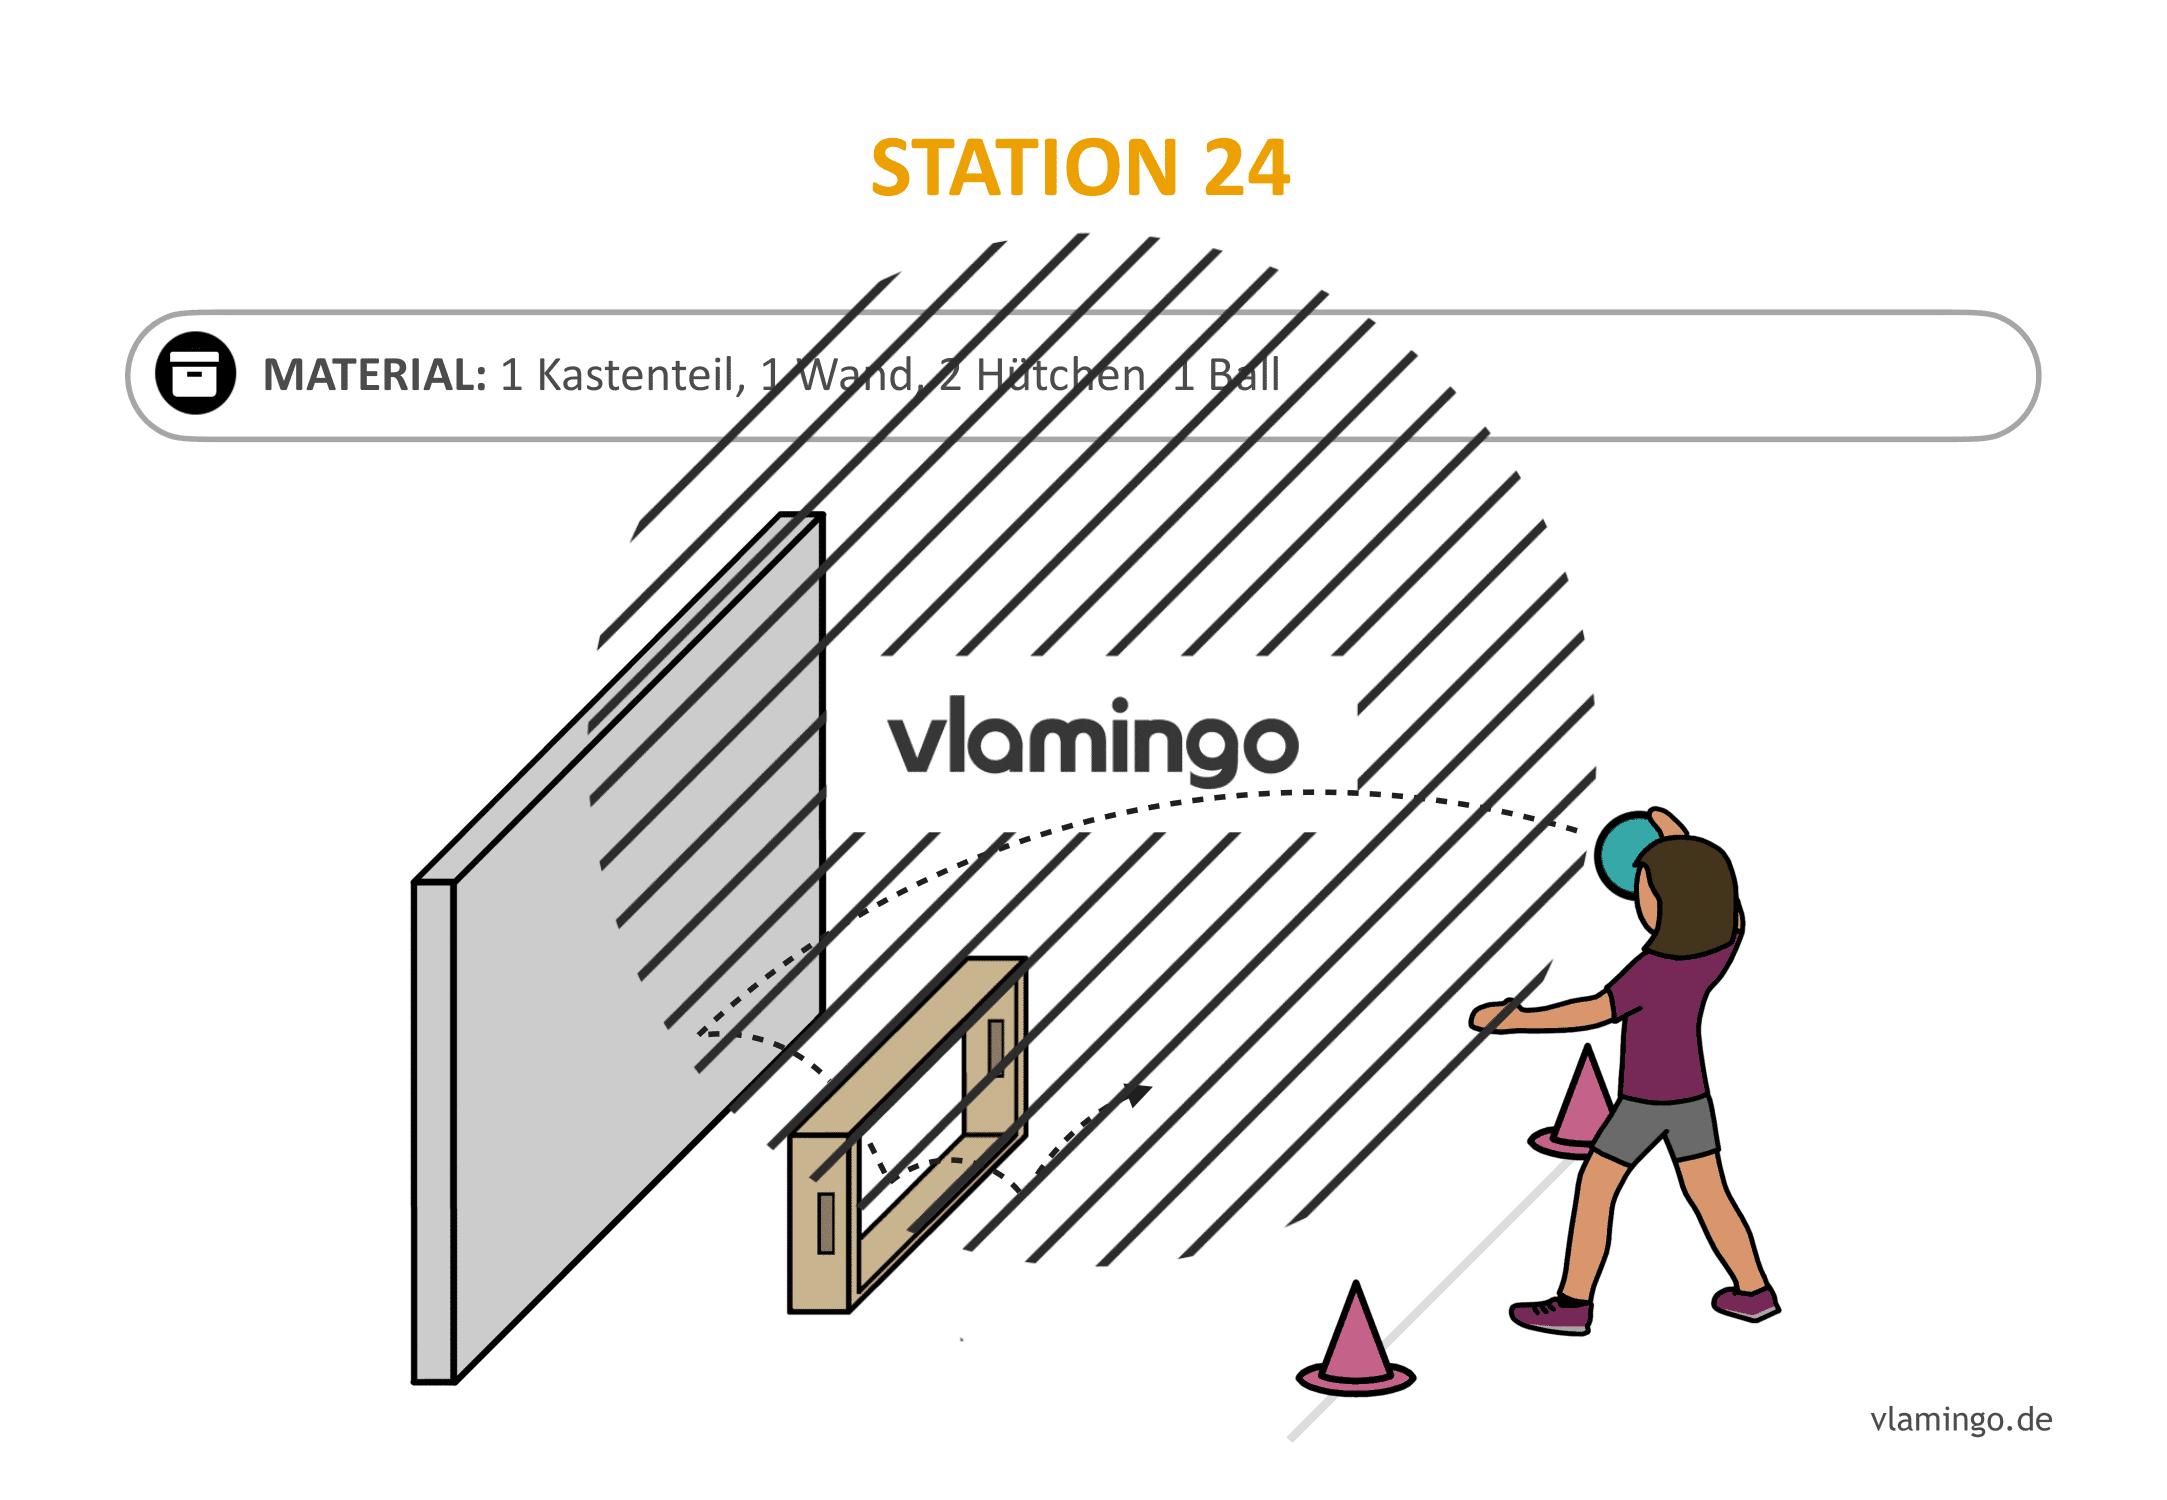 Handballgolf - Station-24